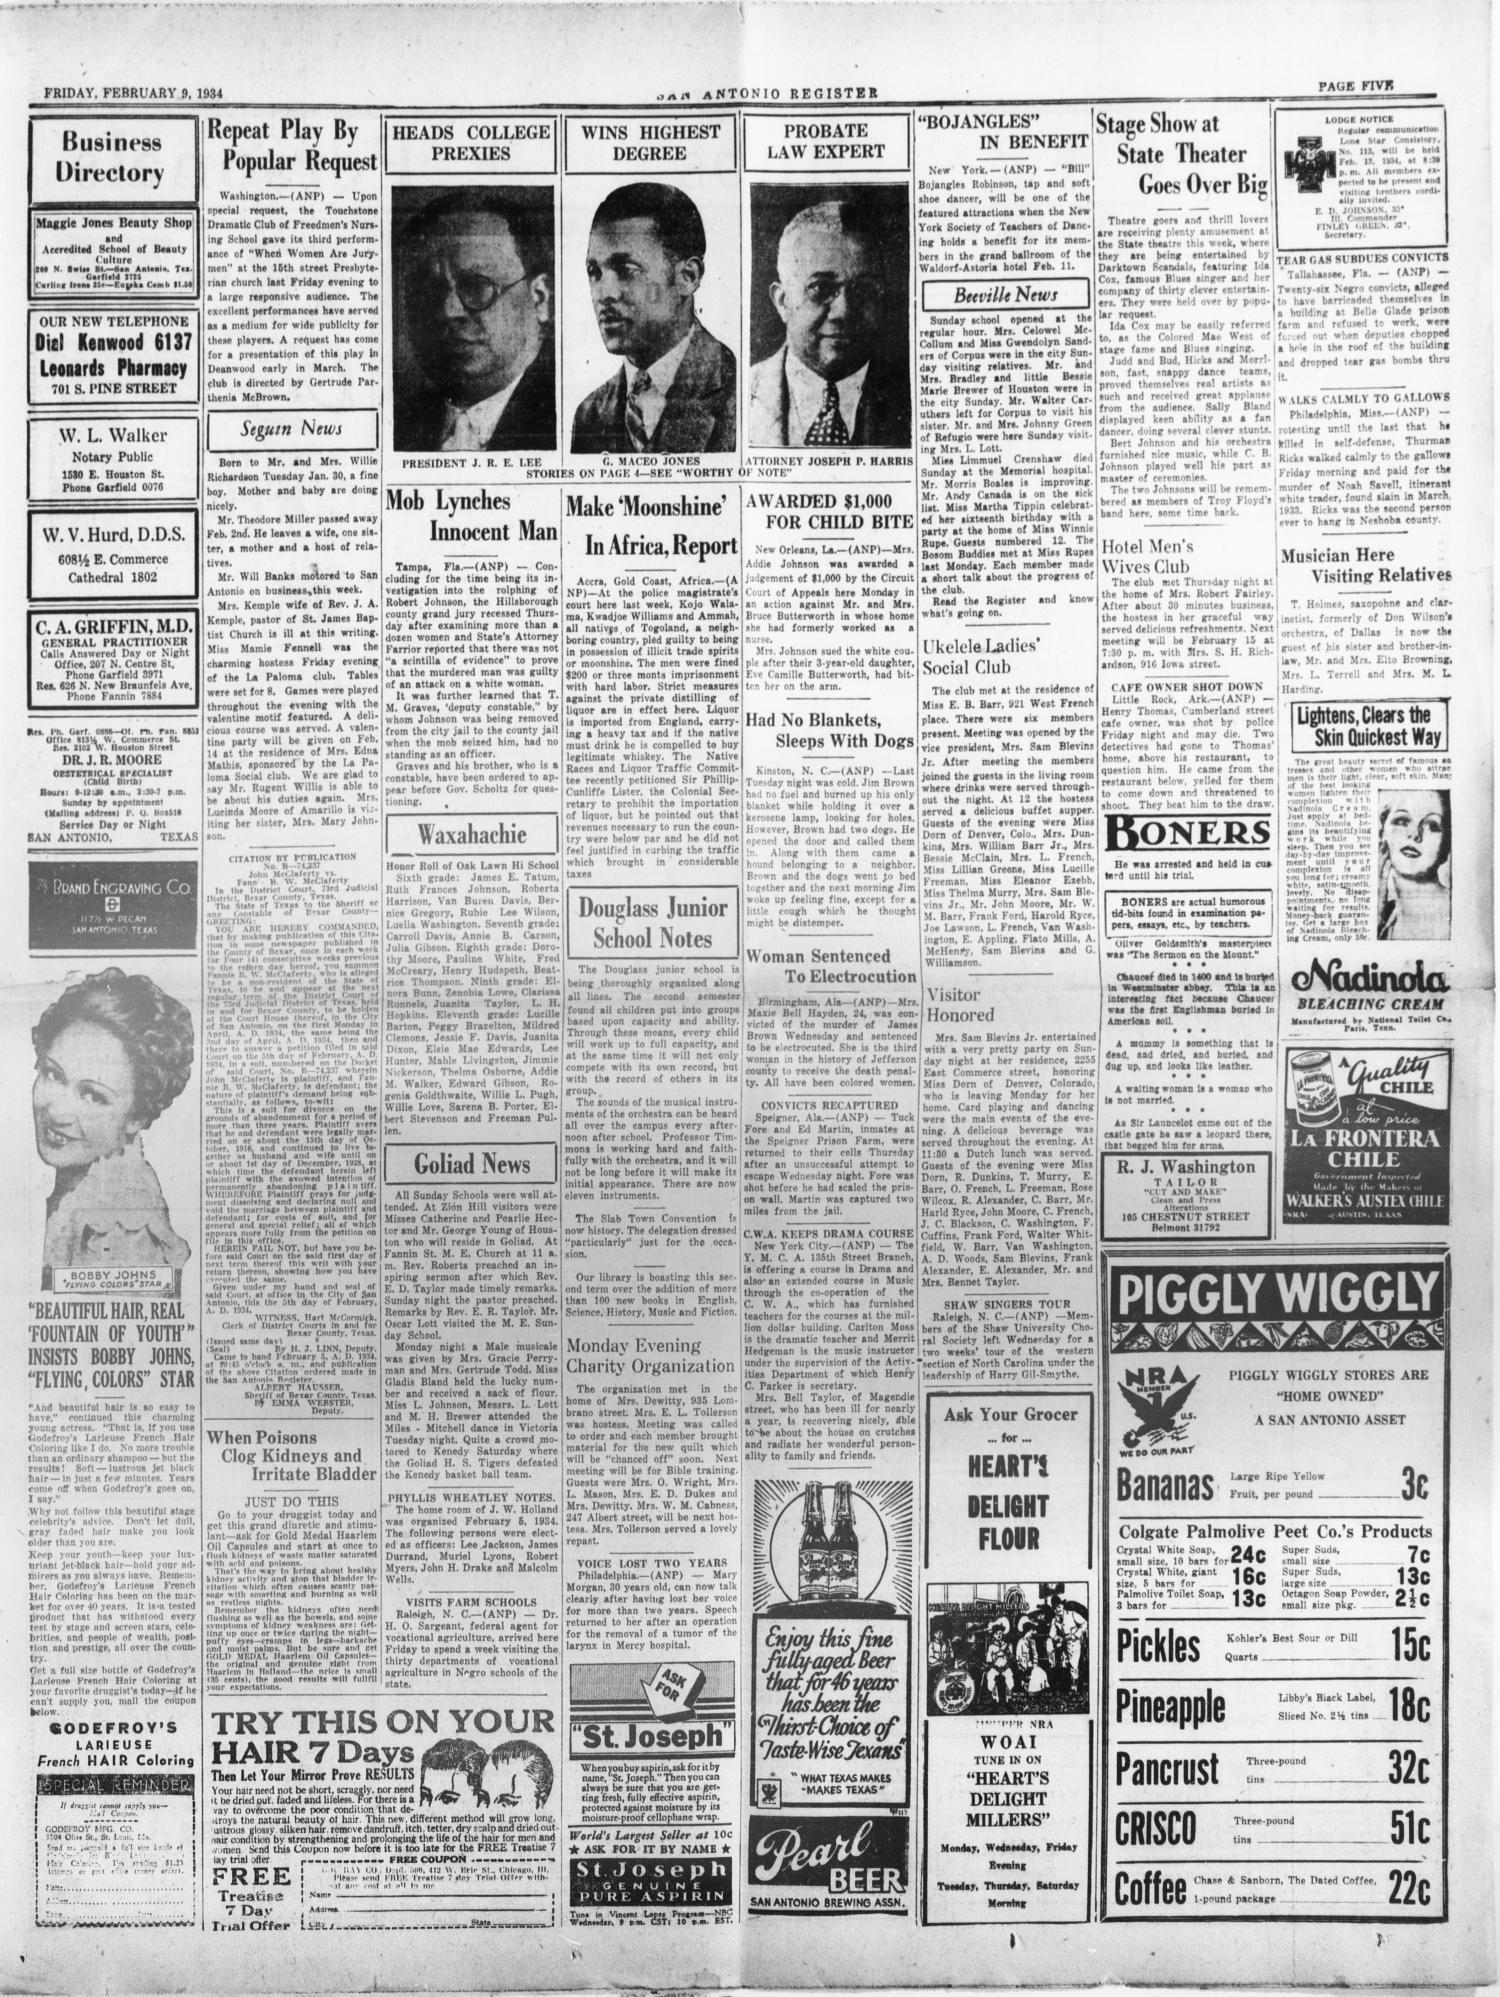 San Antonio Register (San Antonio, Tex ), Vol  3, No  45, Ed